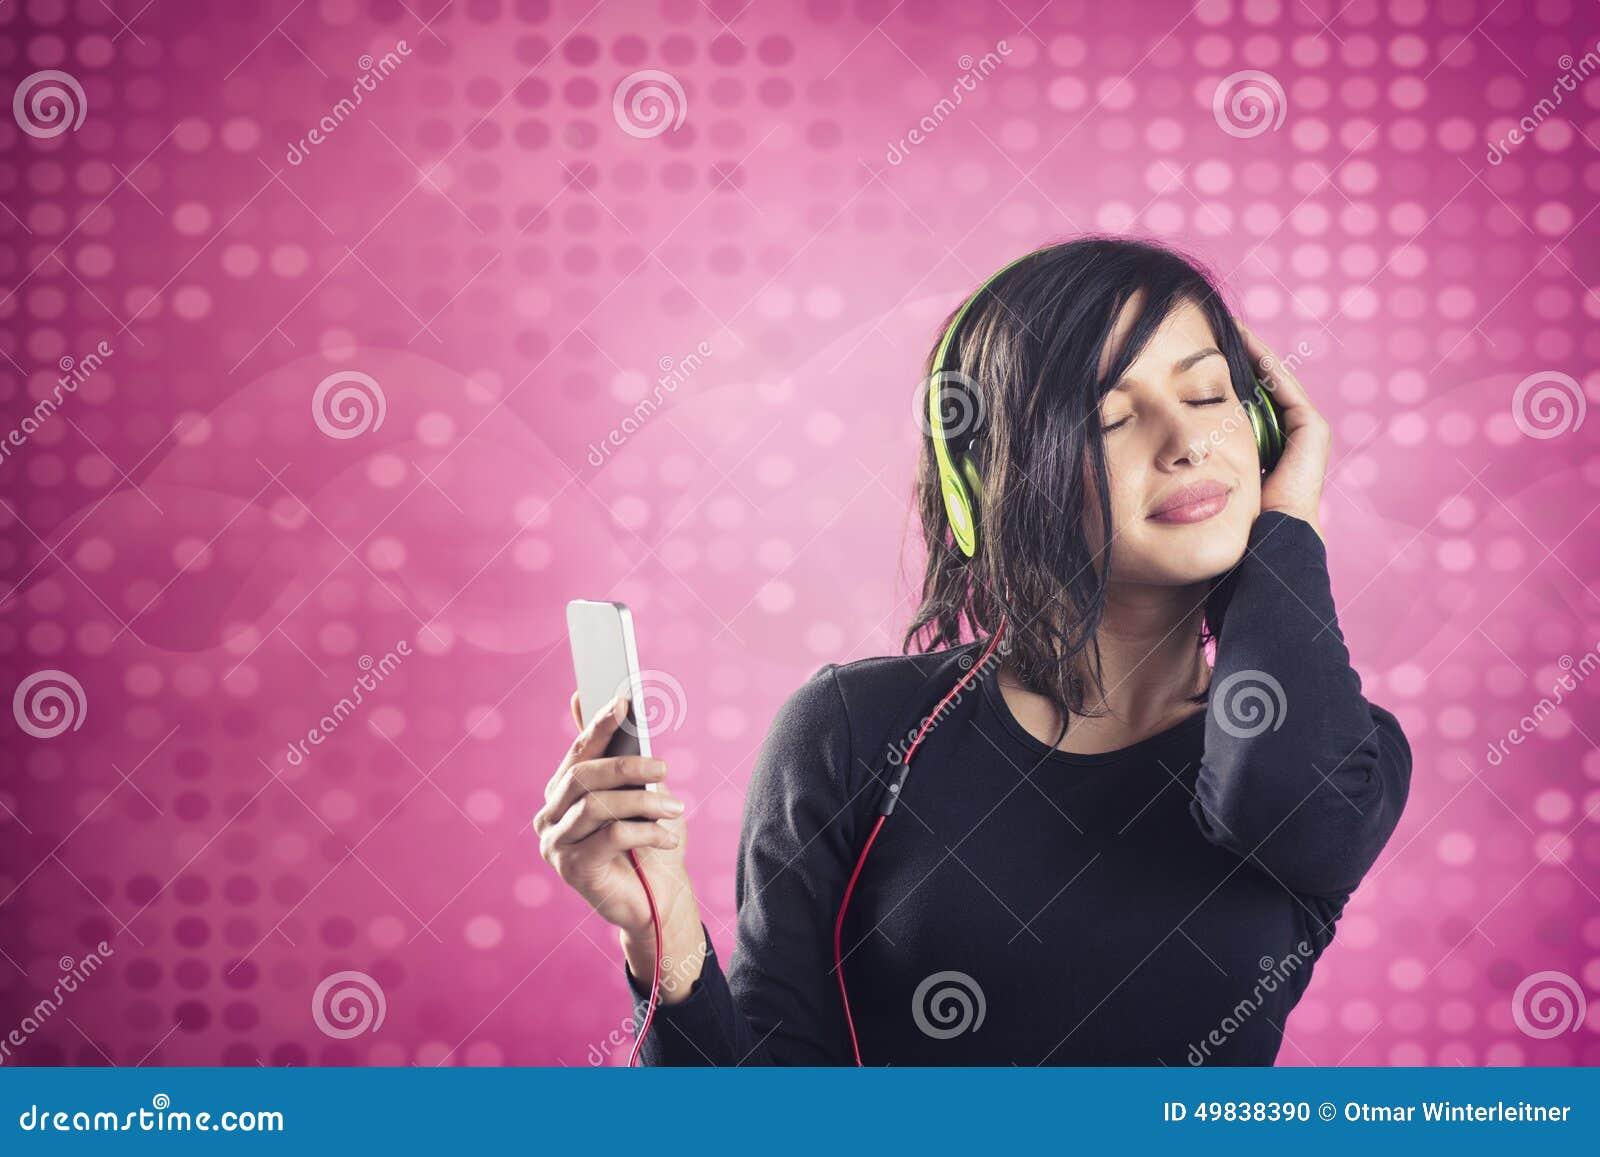 享受听到与耳机的音乐的欢悦镇静女孩